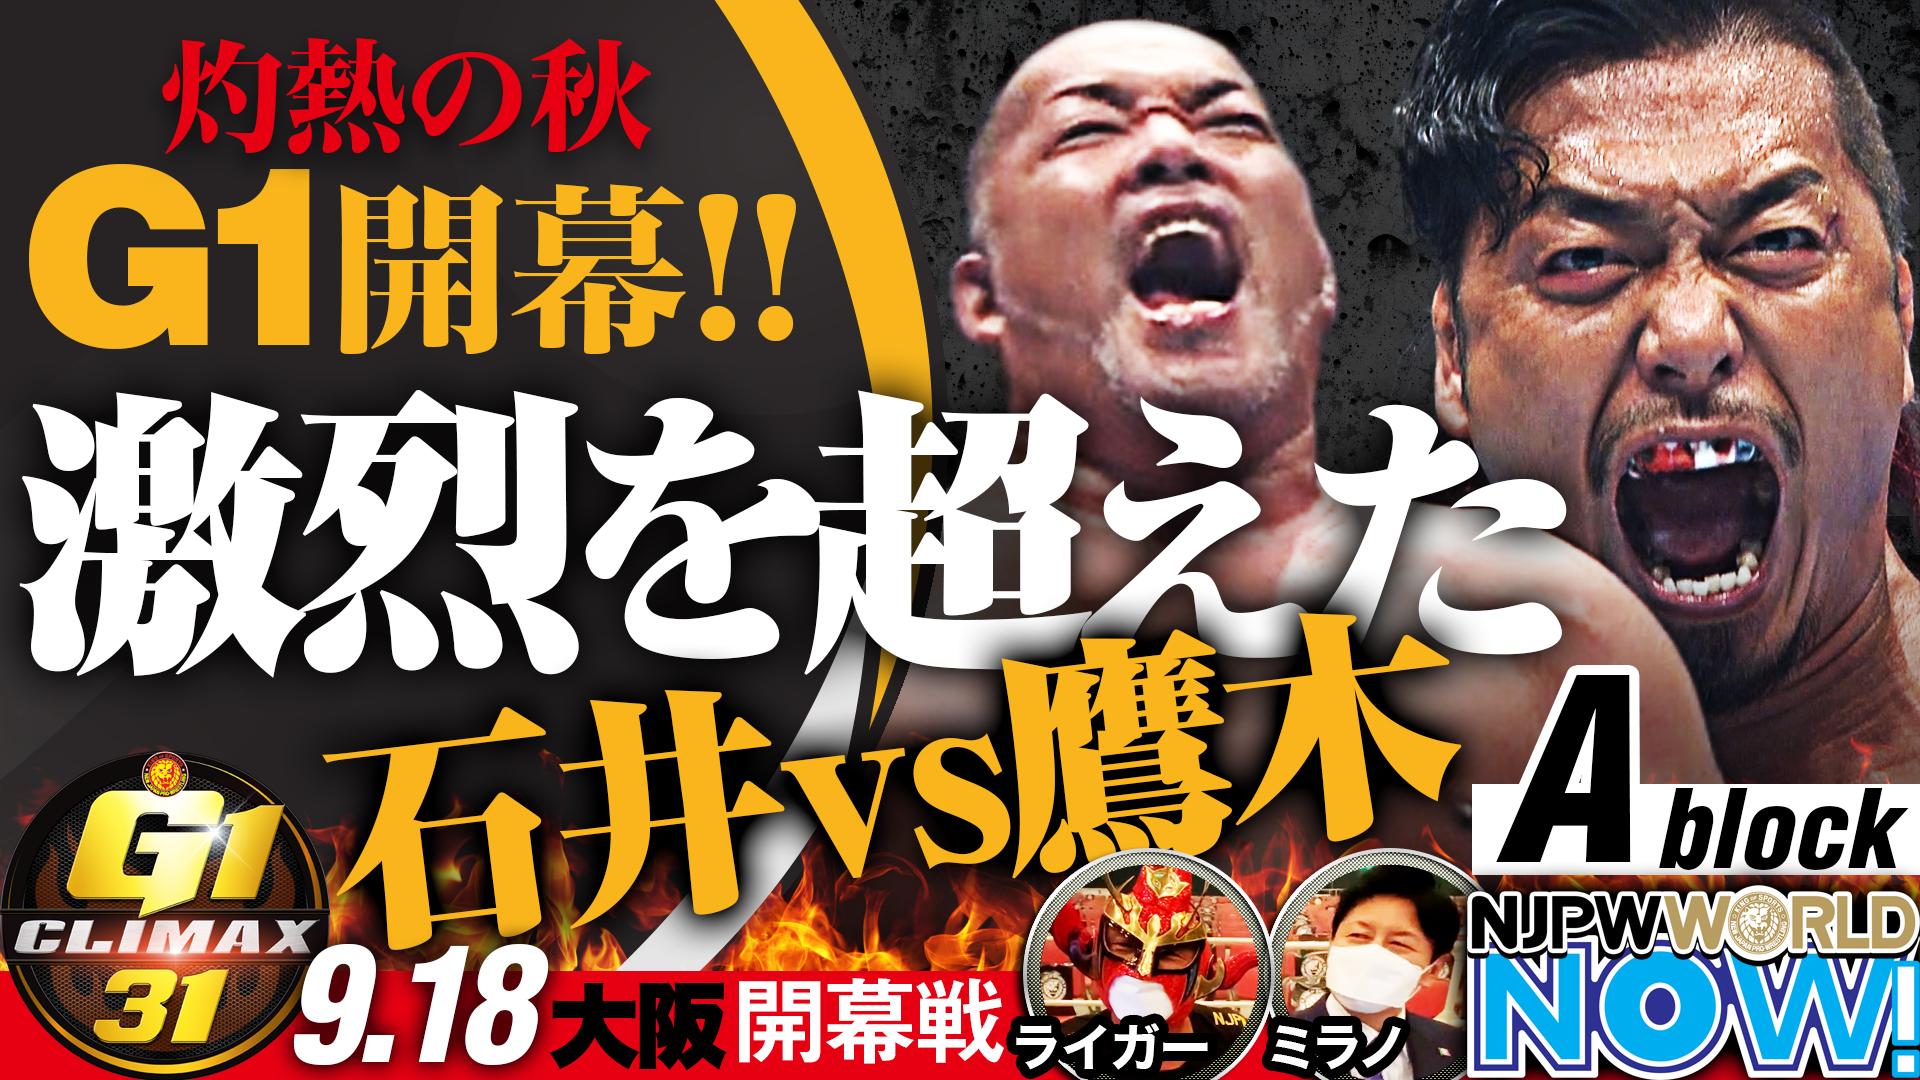 『G1 CLIMAX 31』開幕❗️大阪大会1日目をライガー&ミラノが徹底解説‼️